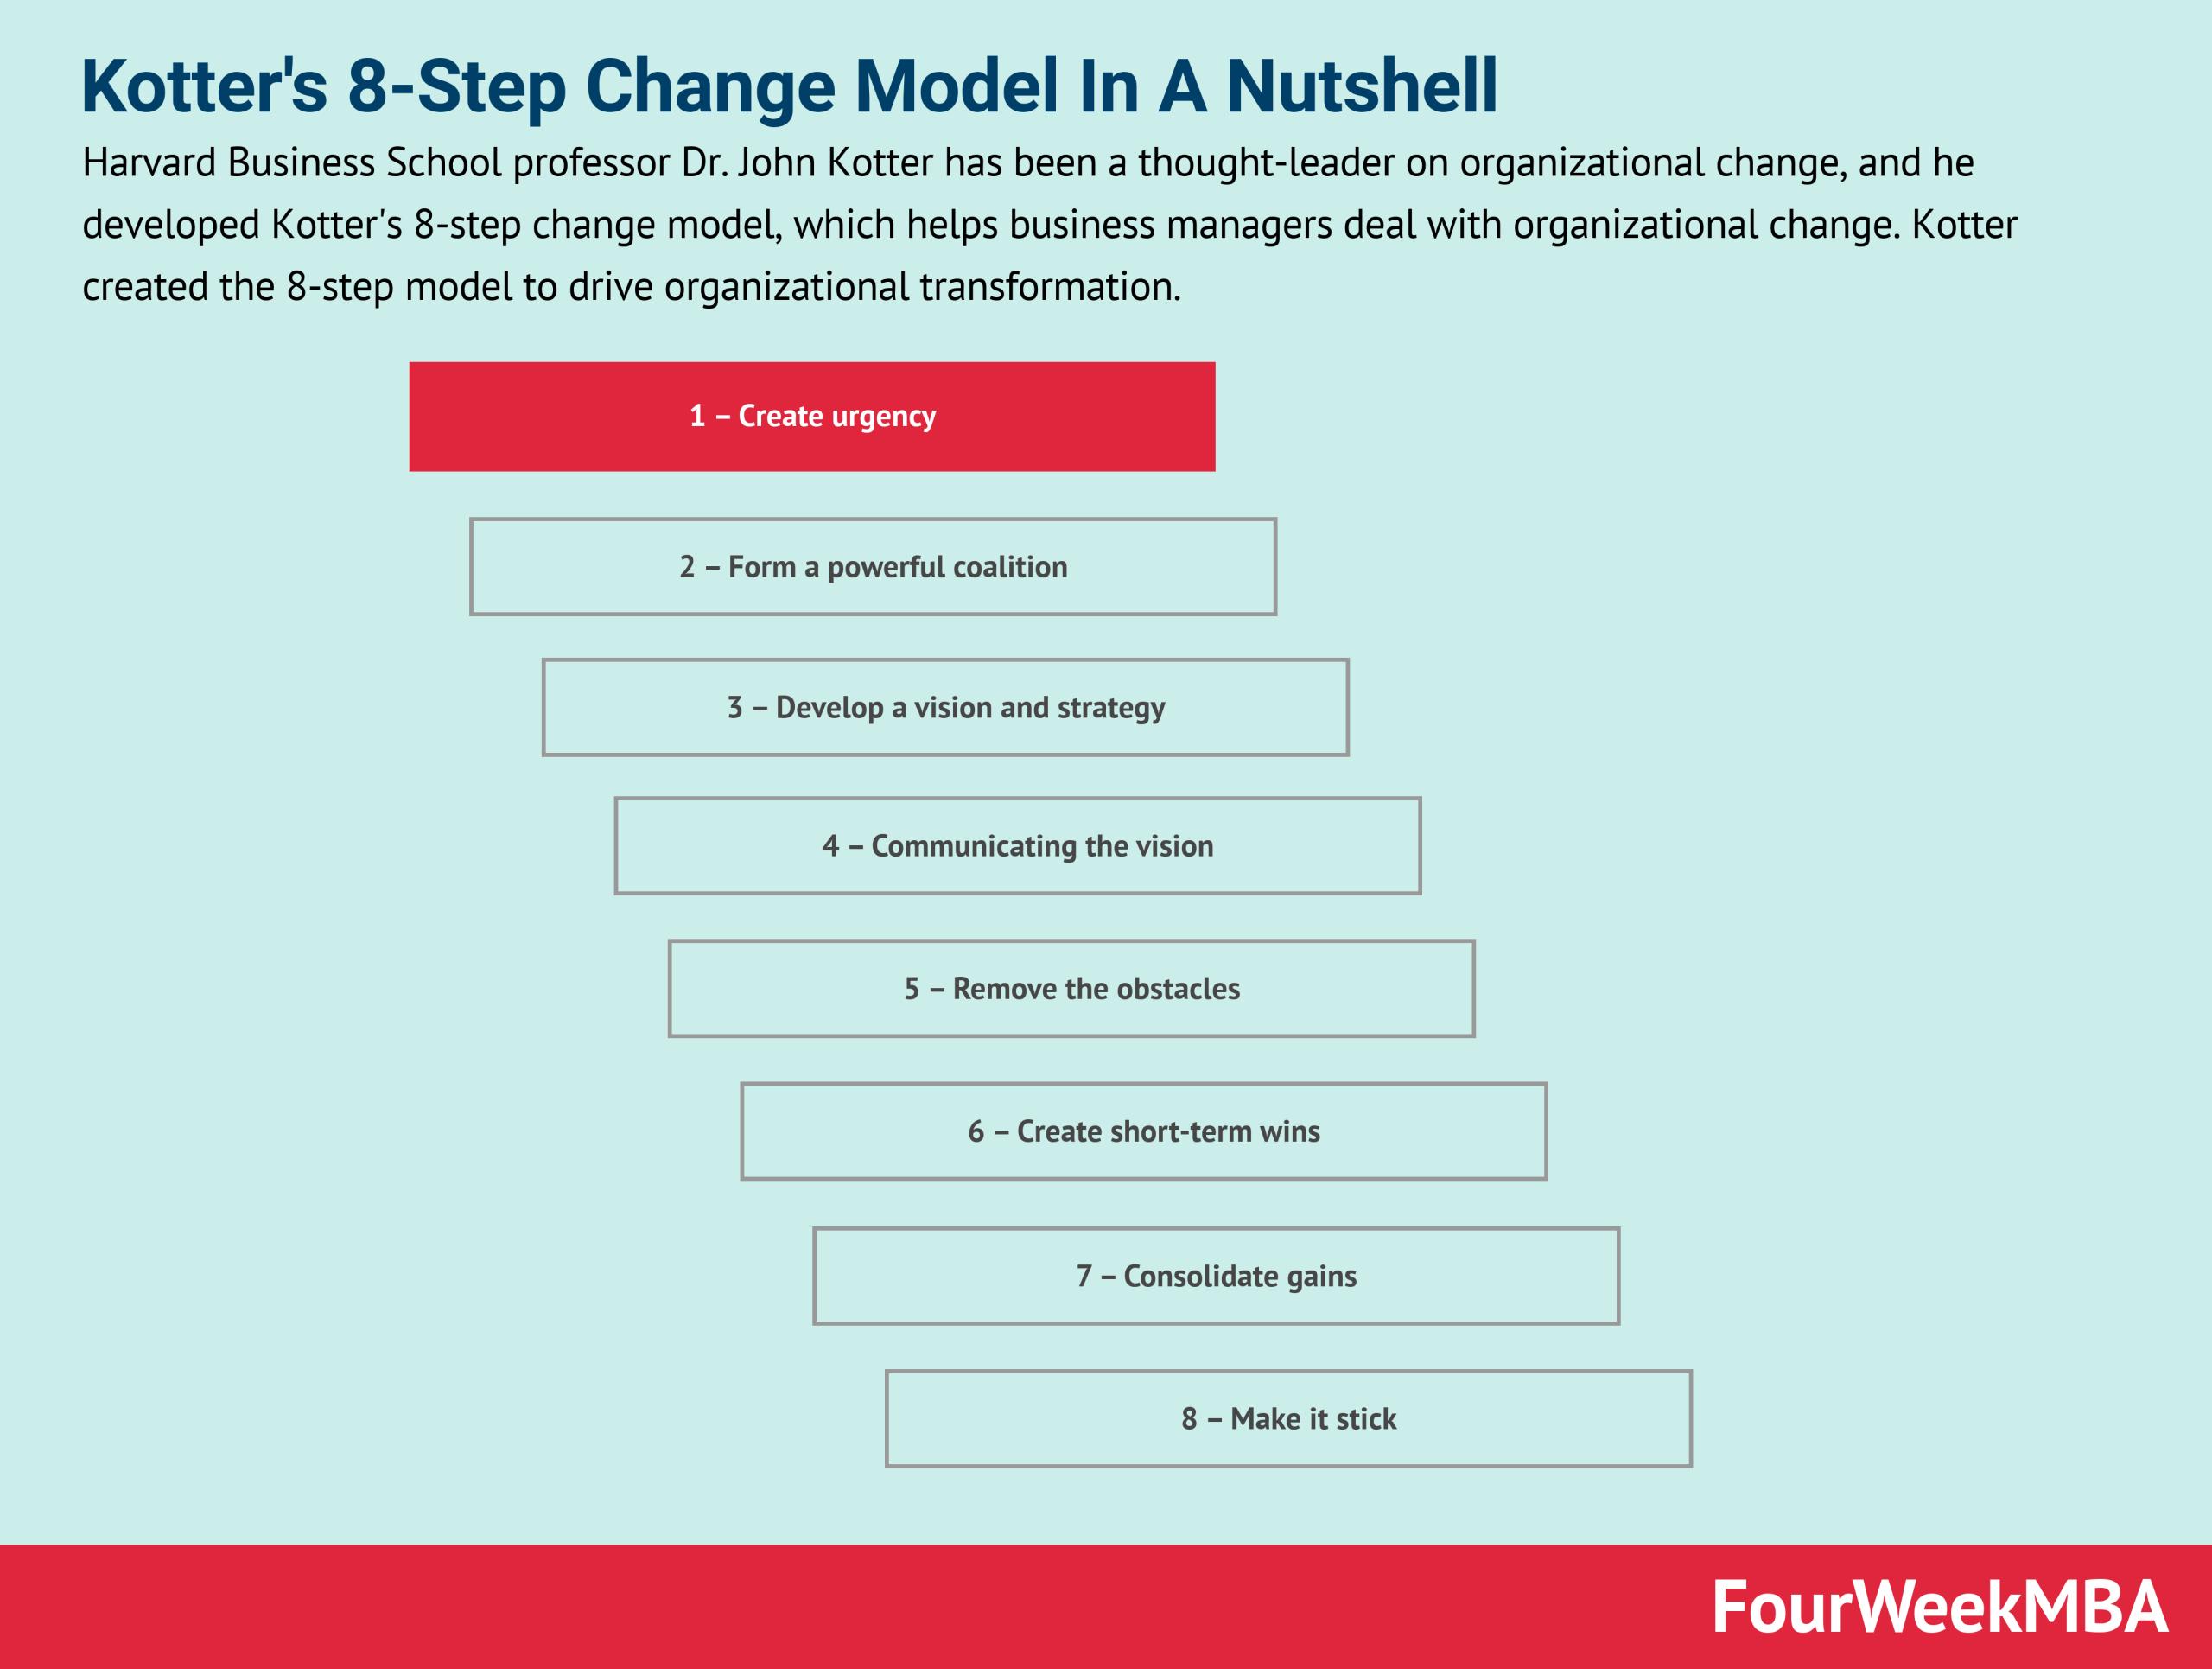 kotters-8-step-change-model